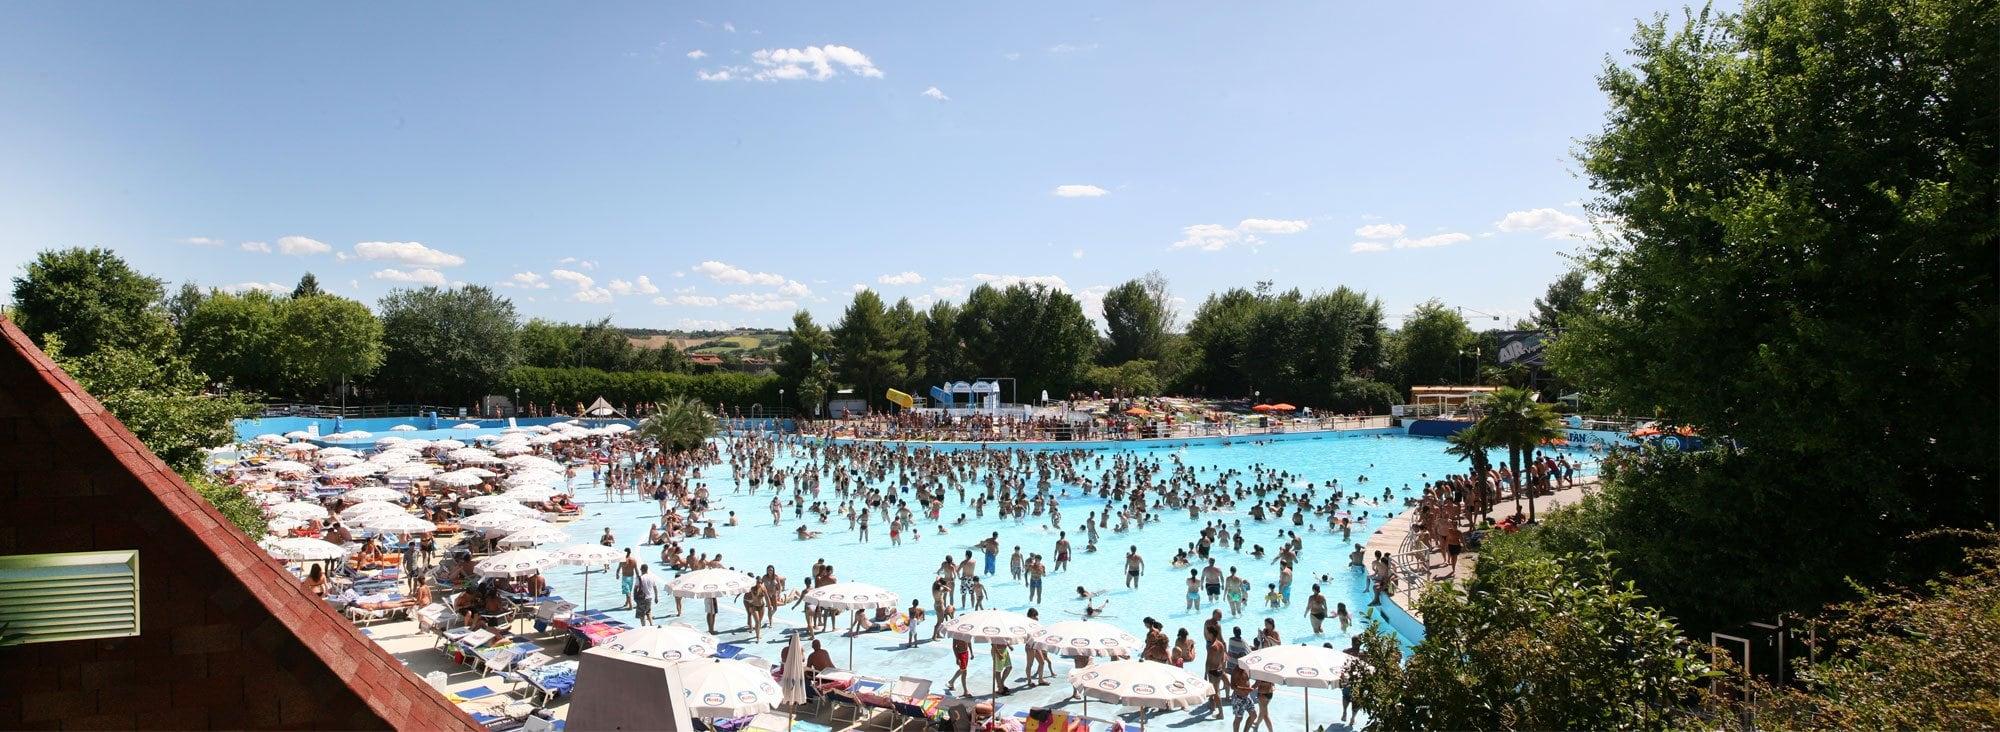 I Parchi divertimento della Riviera Romagnola